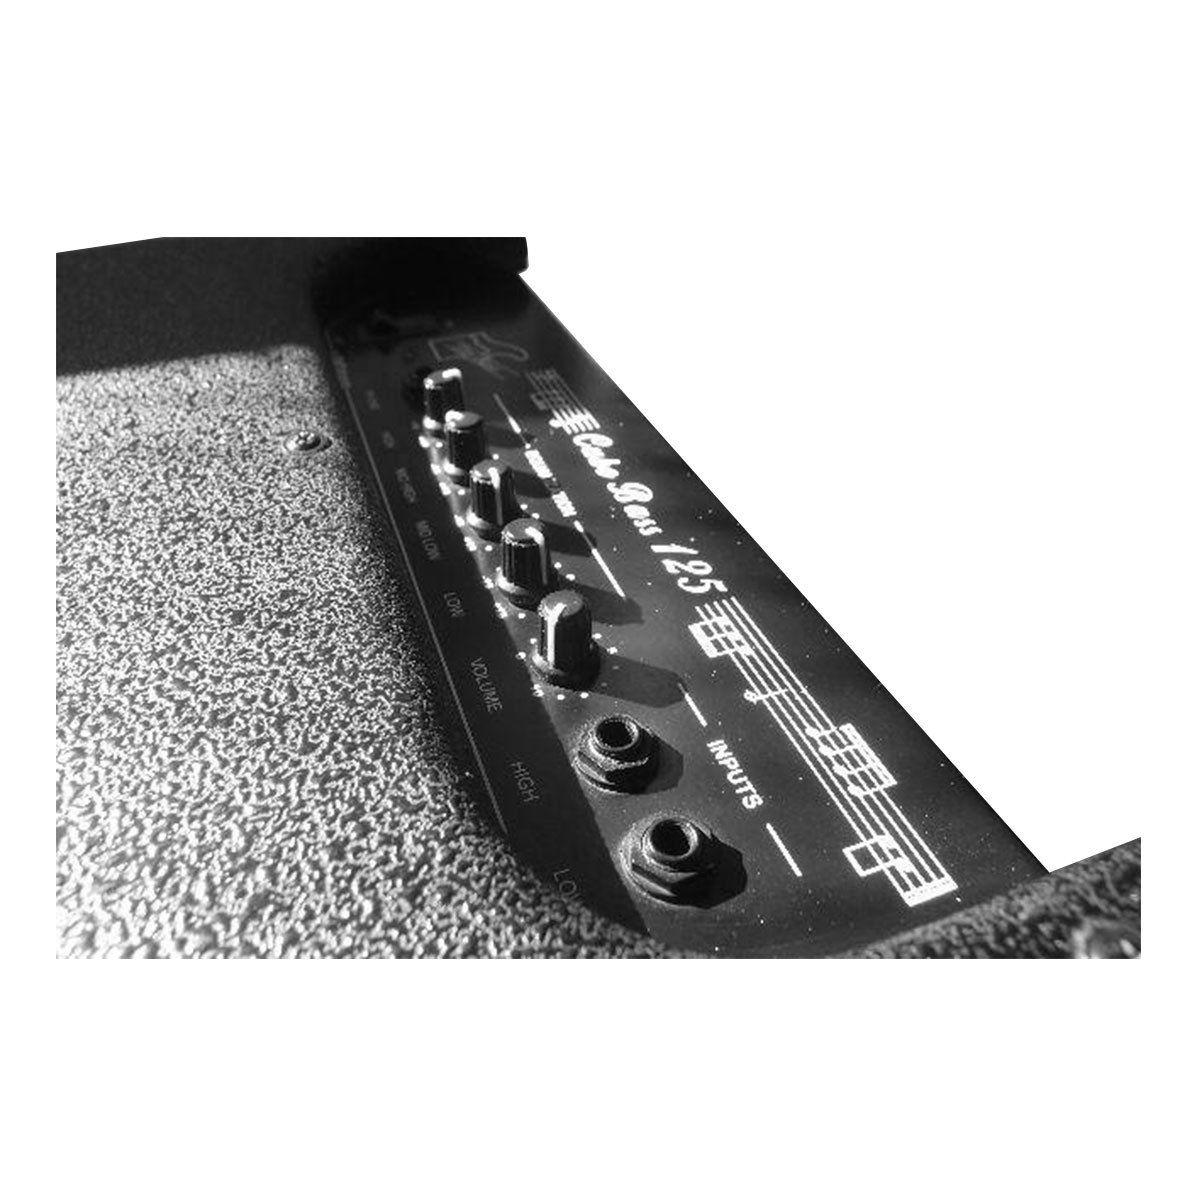 Cubo Ativo p/ Contrabaixo Fal 12 Pol 75W CB 125 - Voxstorm